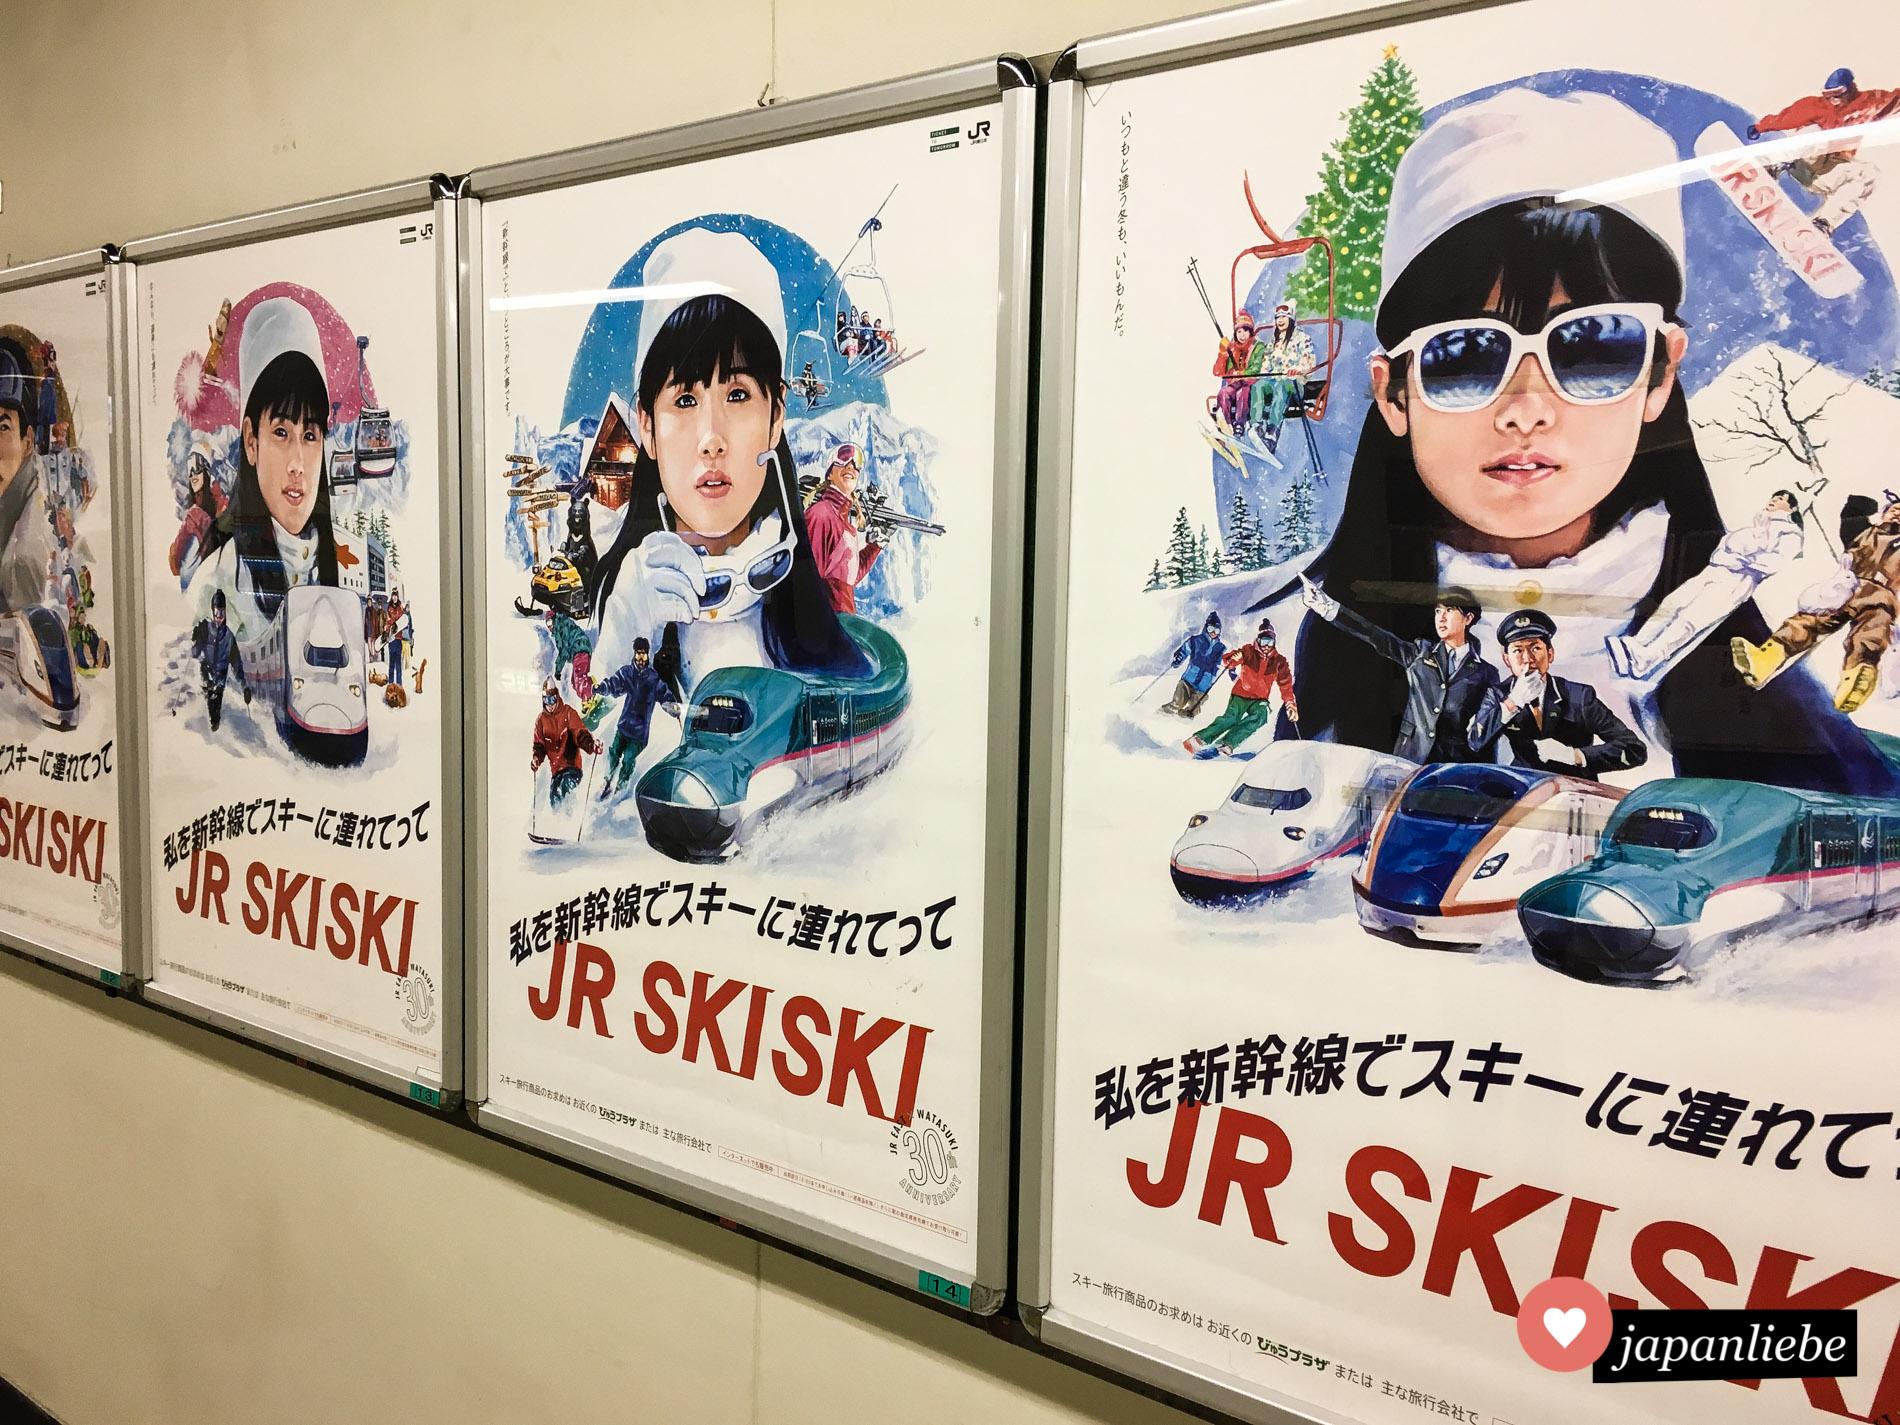 Die japanische Bahngesellschaft JR bewirbt mit Plakaten für die SkiSki-Kampagne.